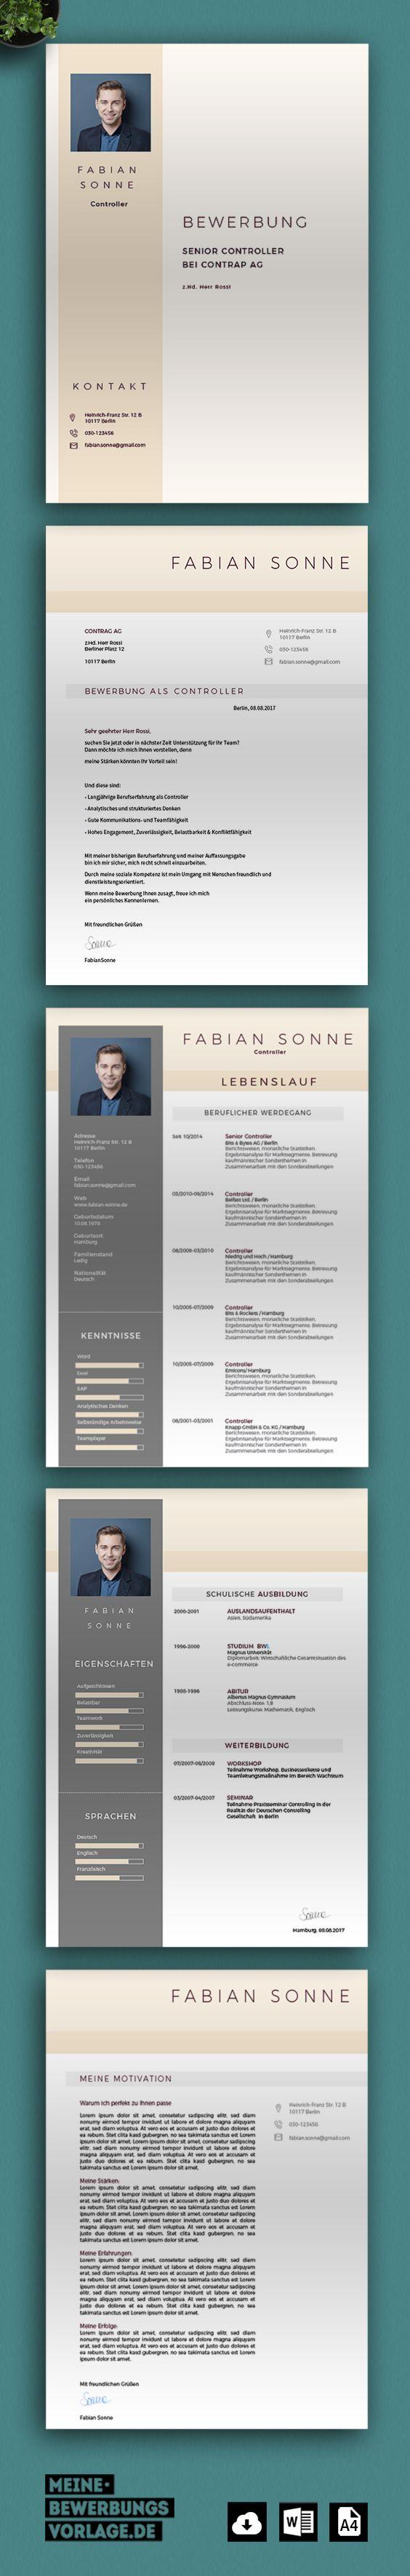 No 4 Deckblatt Bewerbung Professionelle Bewerbung Vorlage Deckblatt Bewerbung